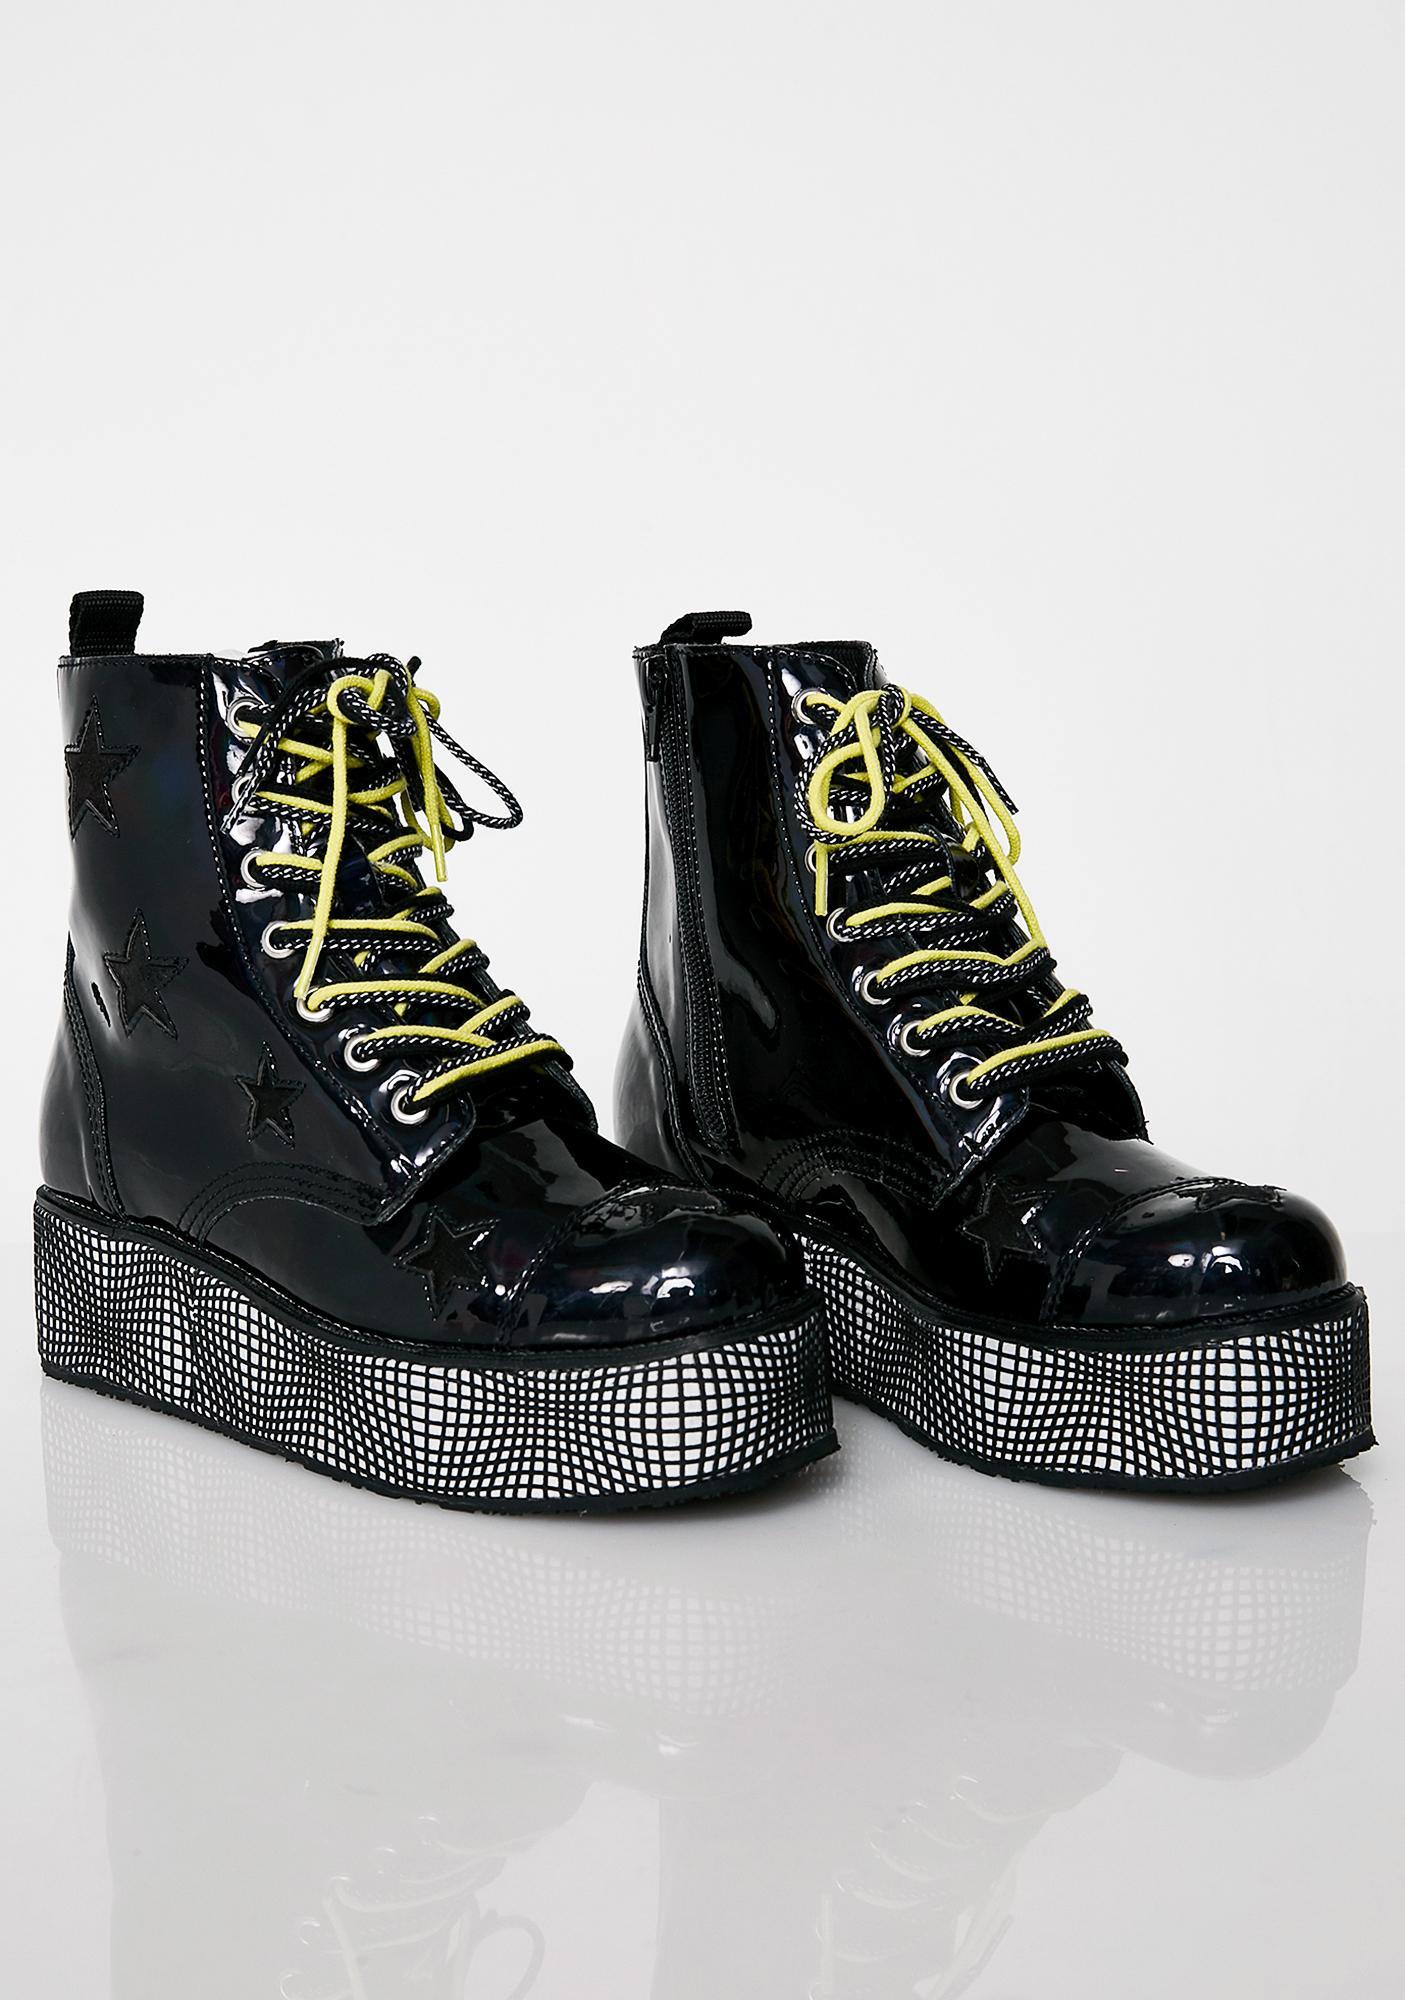 T.U.K. Warped World Platform Boots